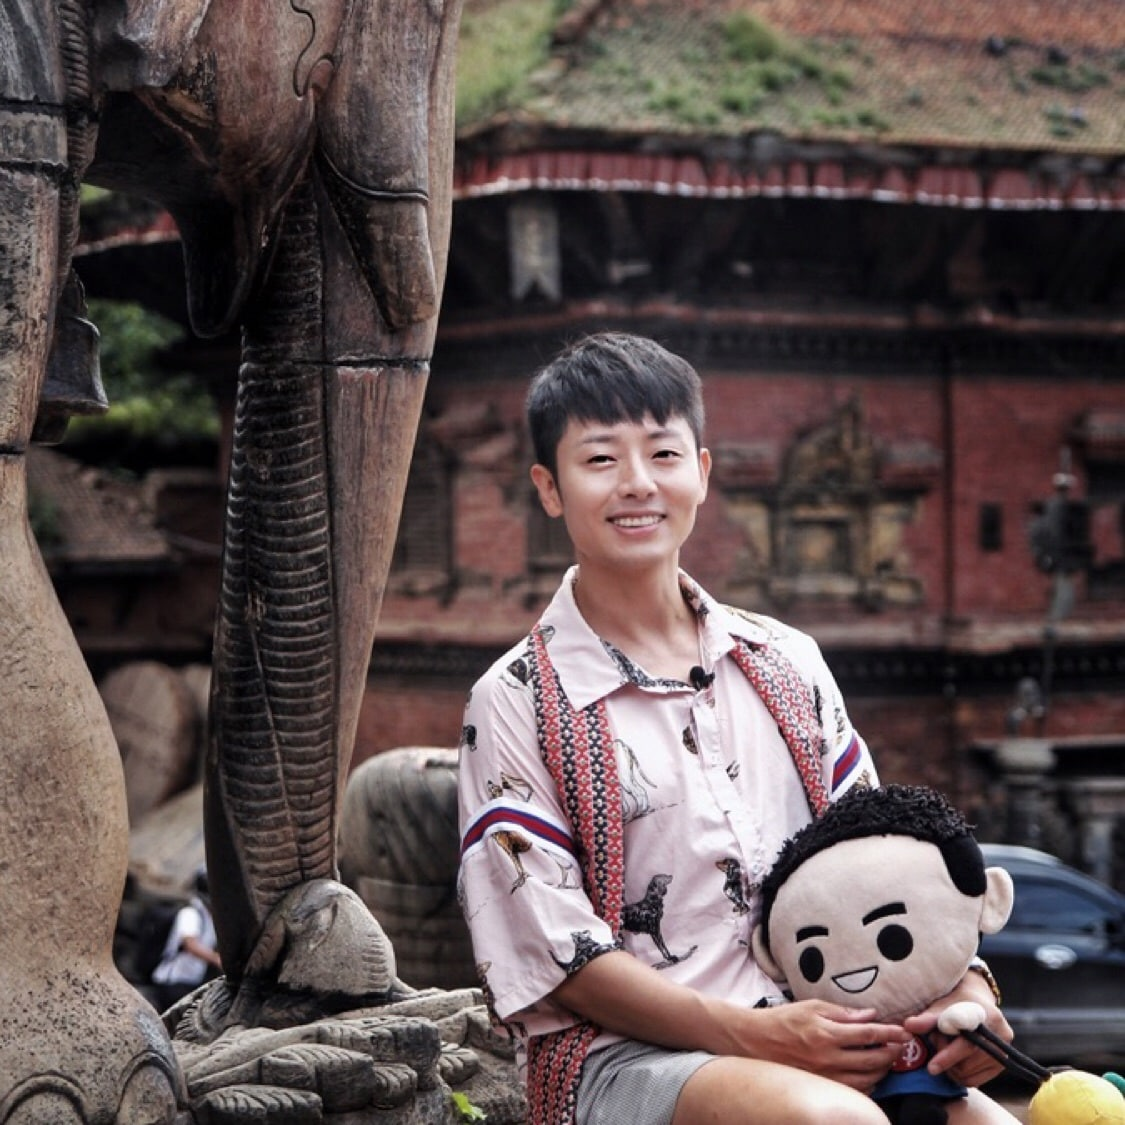 ShenWei